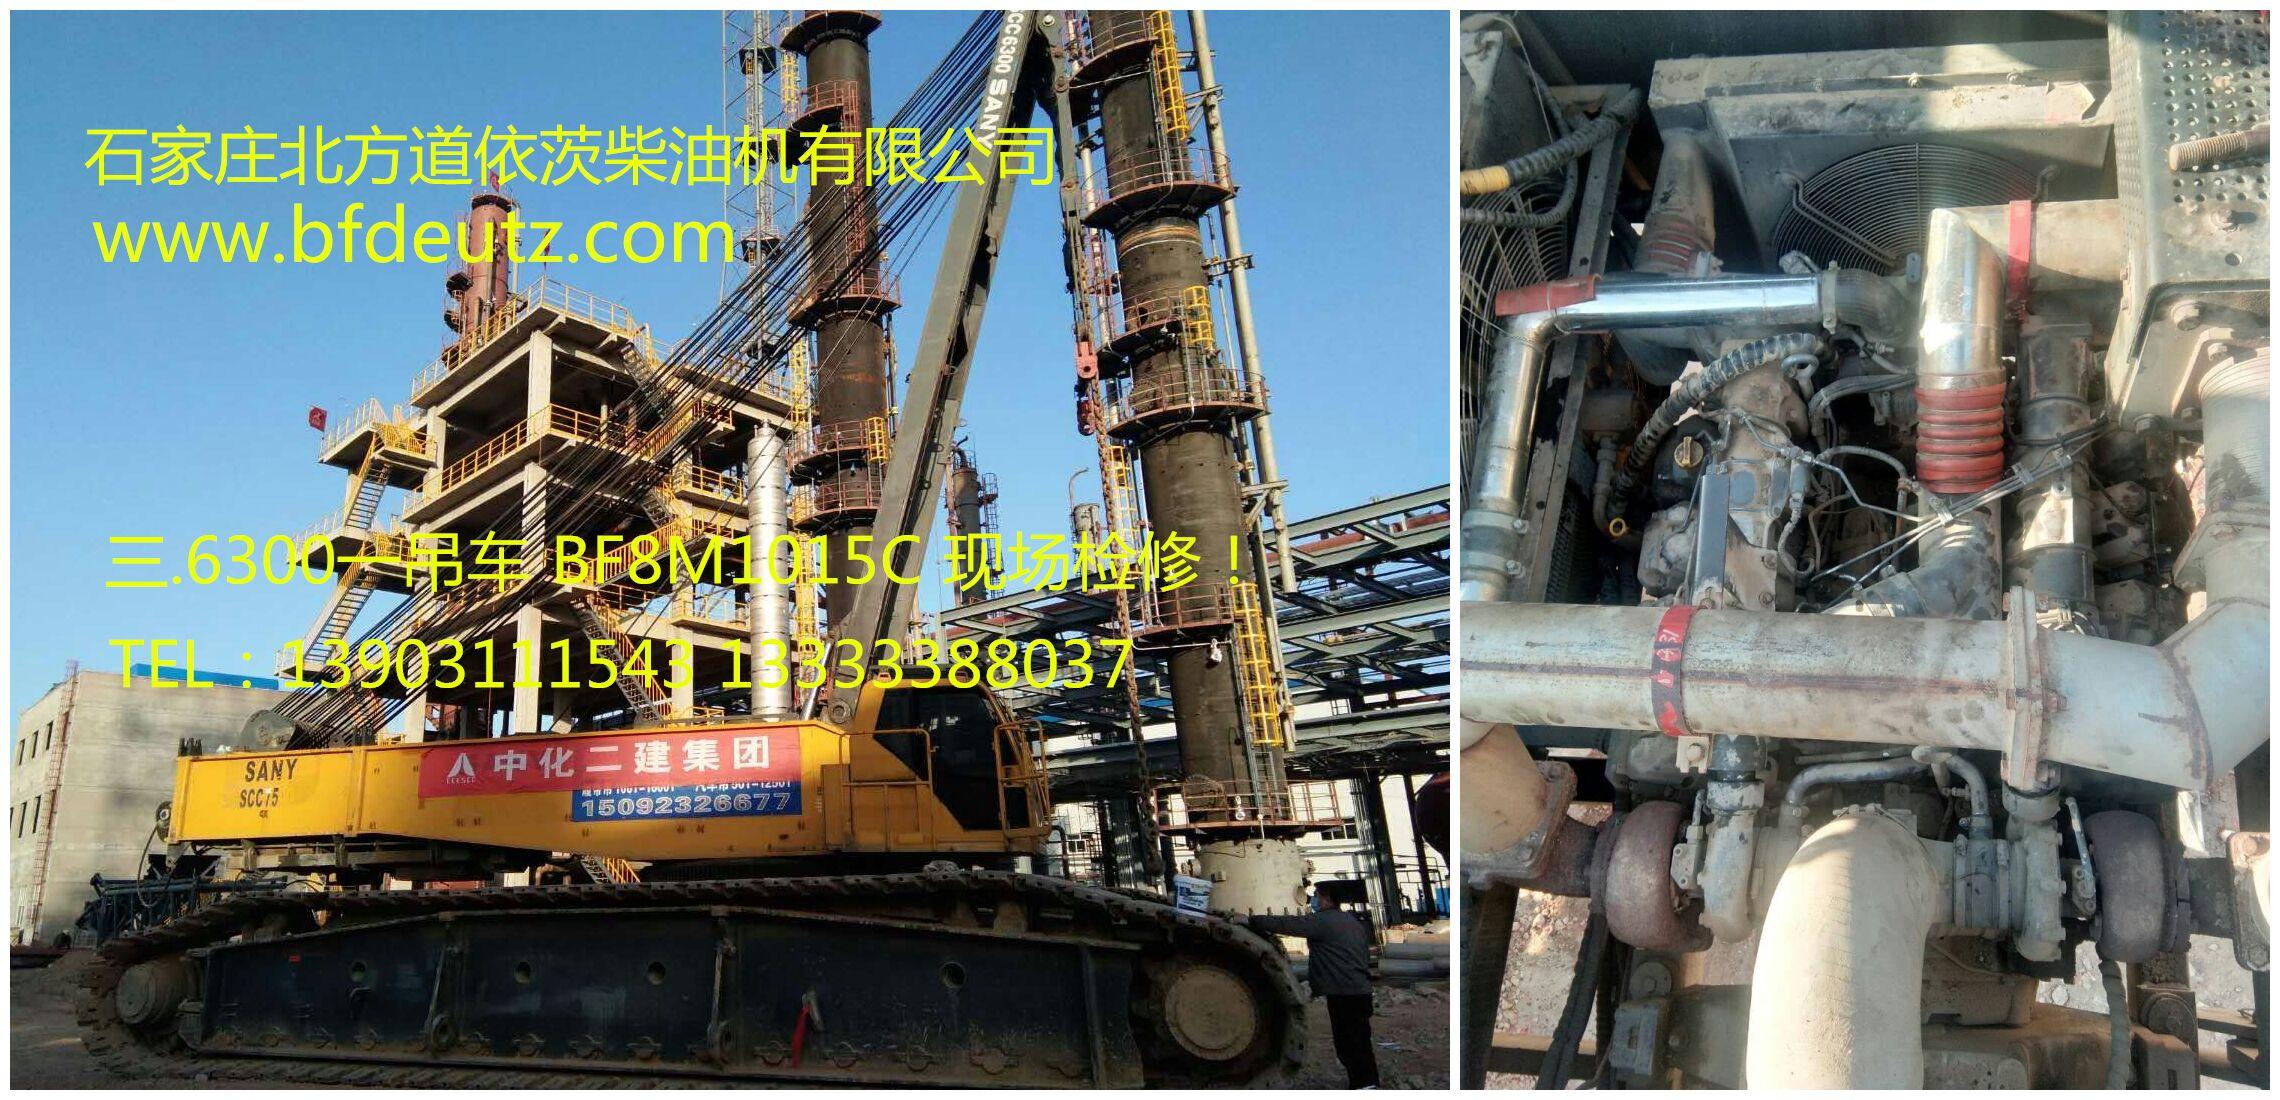 6300-吊车 BF8M1015C 现场检修